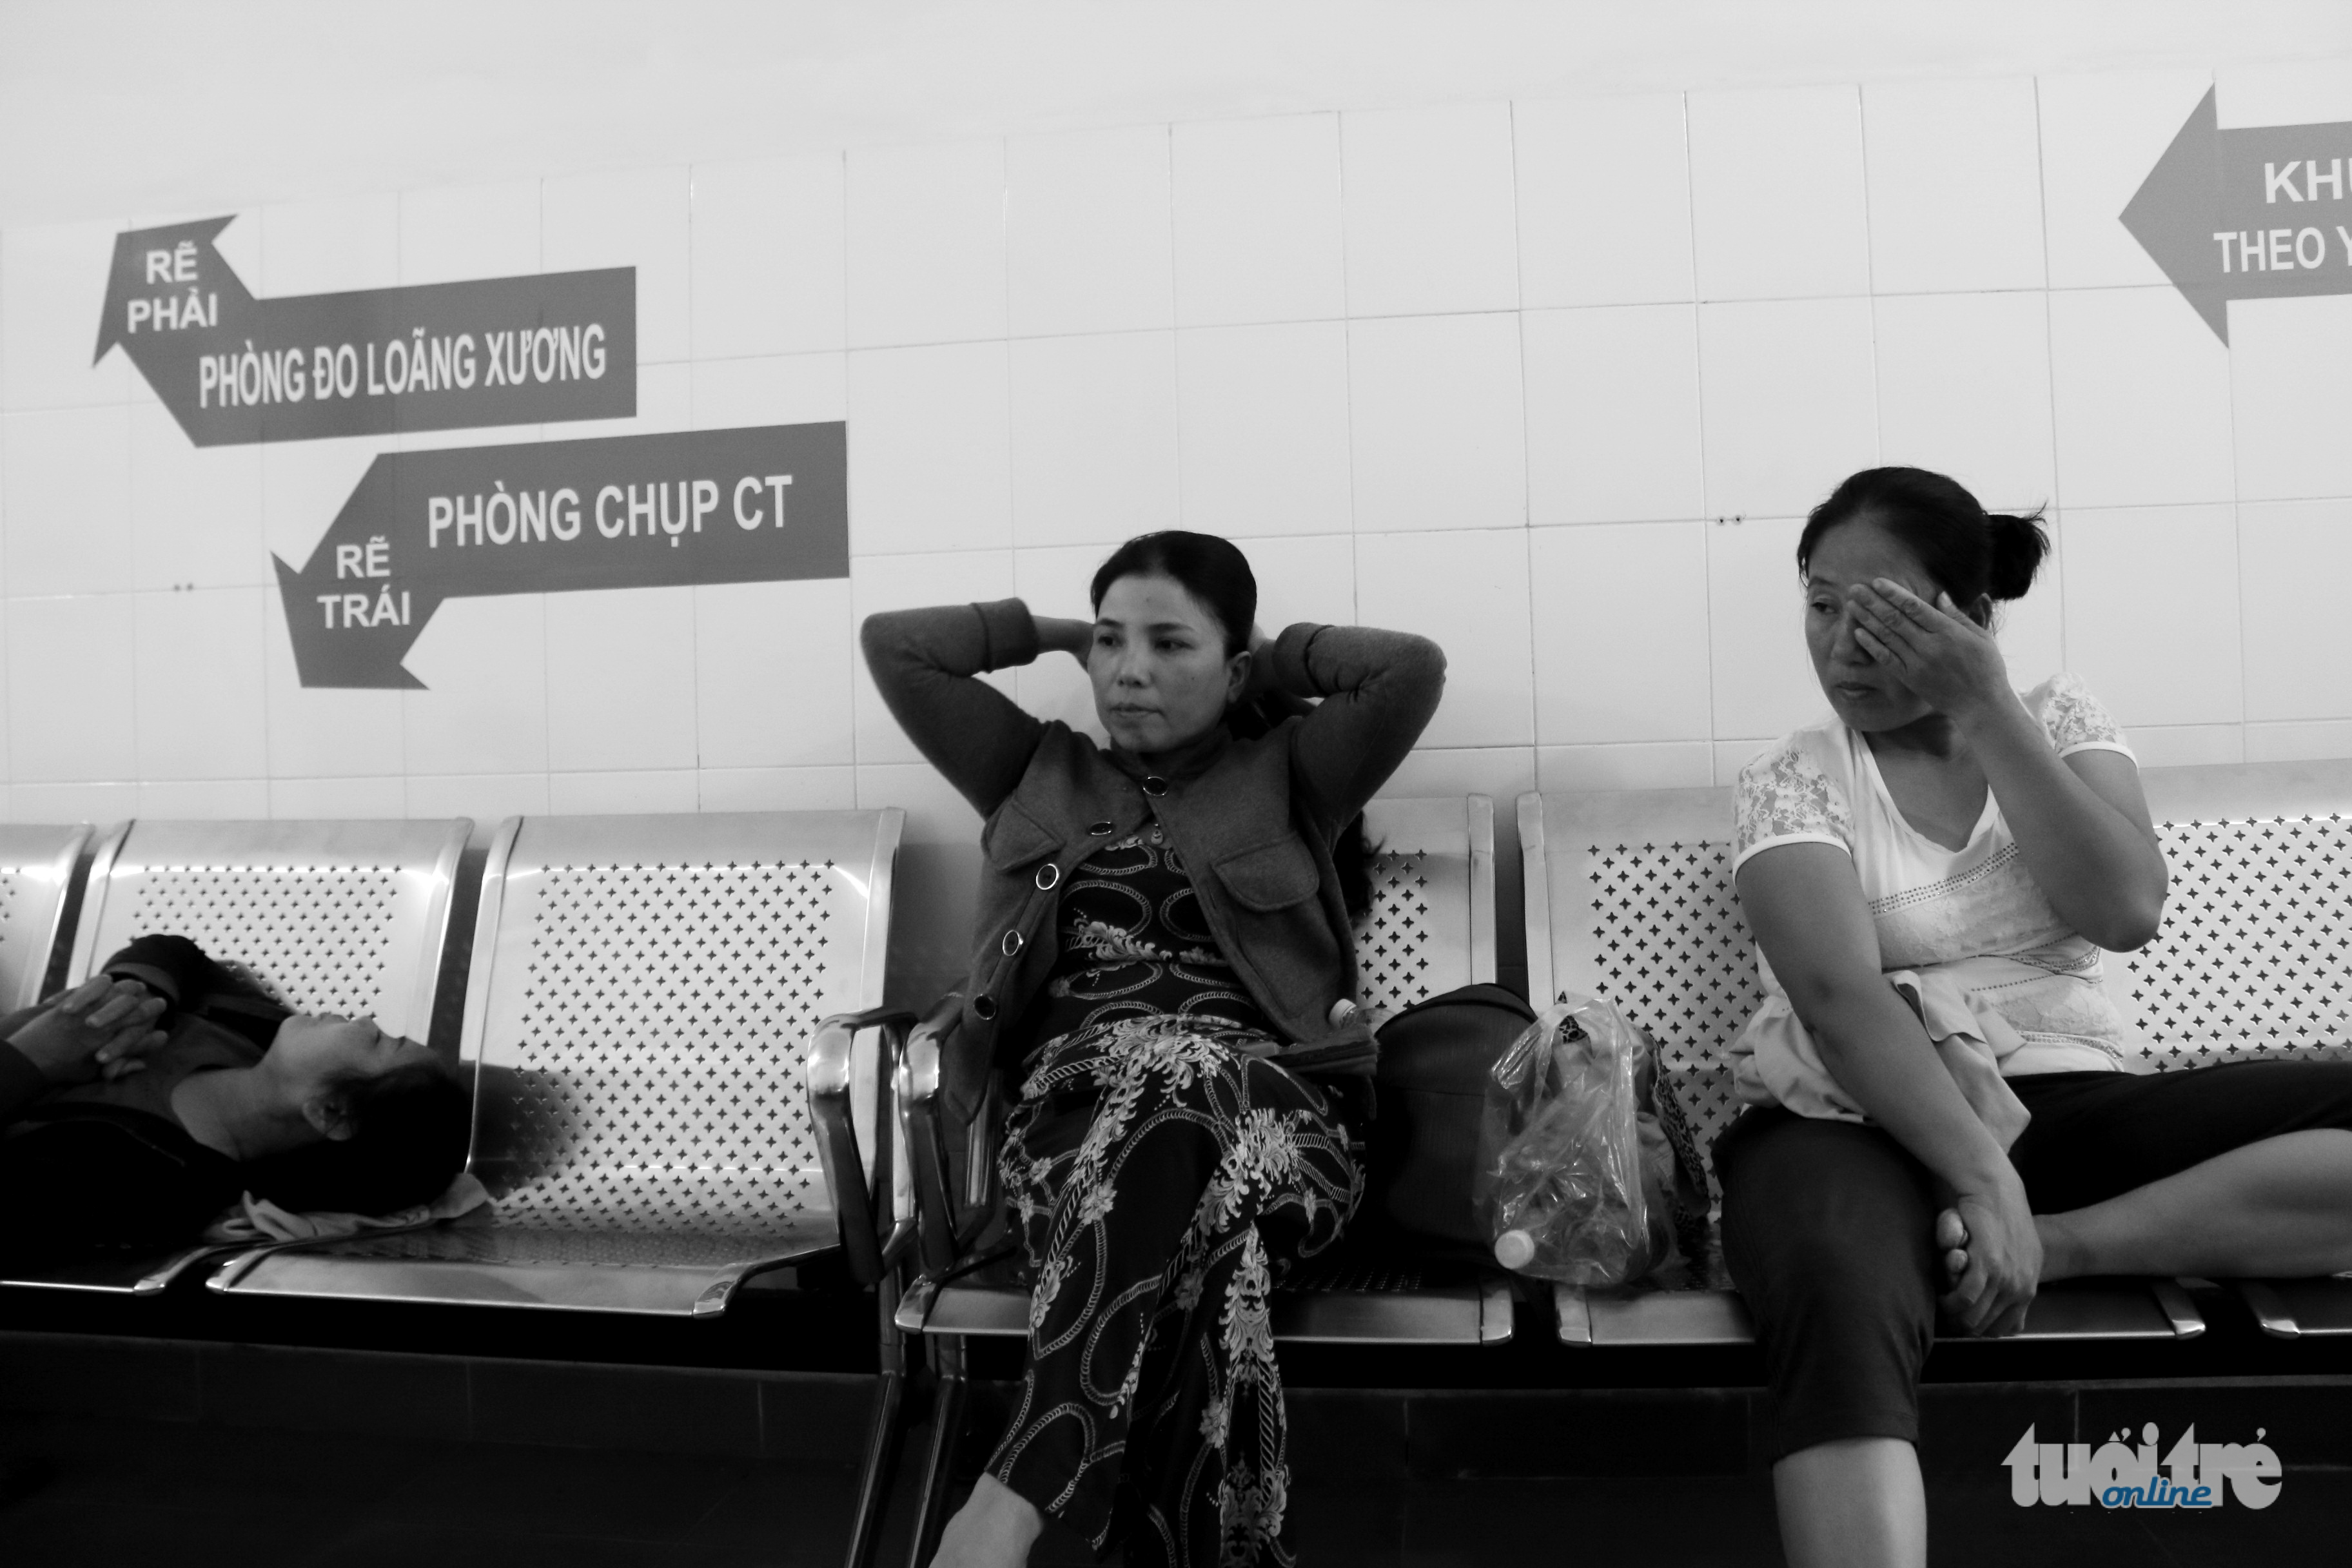 Hai người mẹ chung một âu lo khi cùng chờ hai đứa con trước phòng phẫu thuật - Ảnh: NGỌC HIỂN